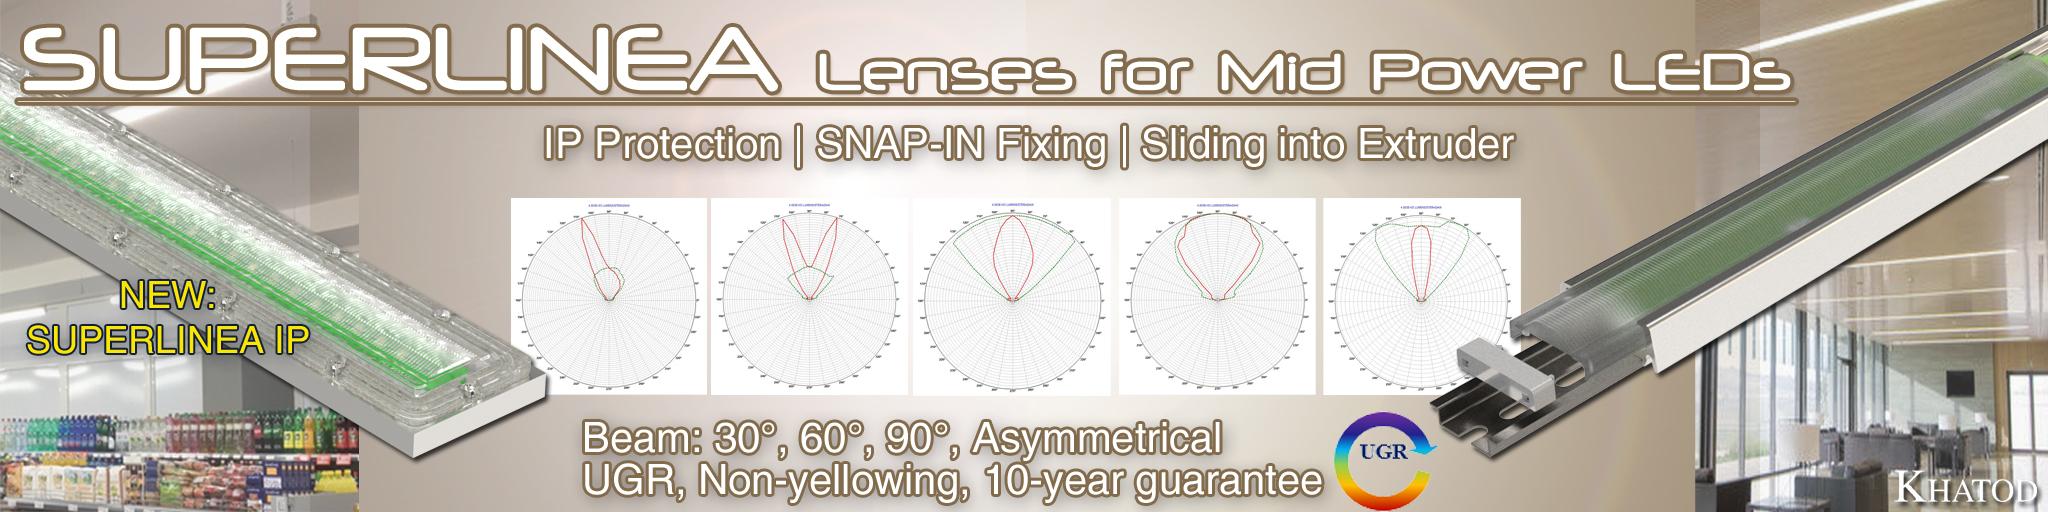 SUPERLINEA Lenses for Mid Power LEDs